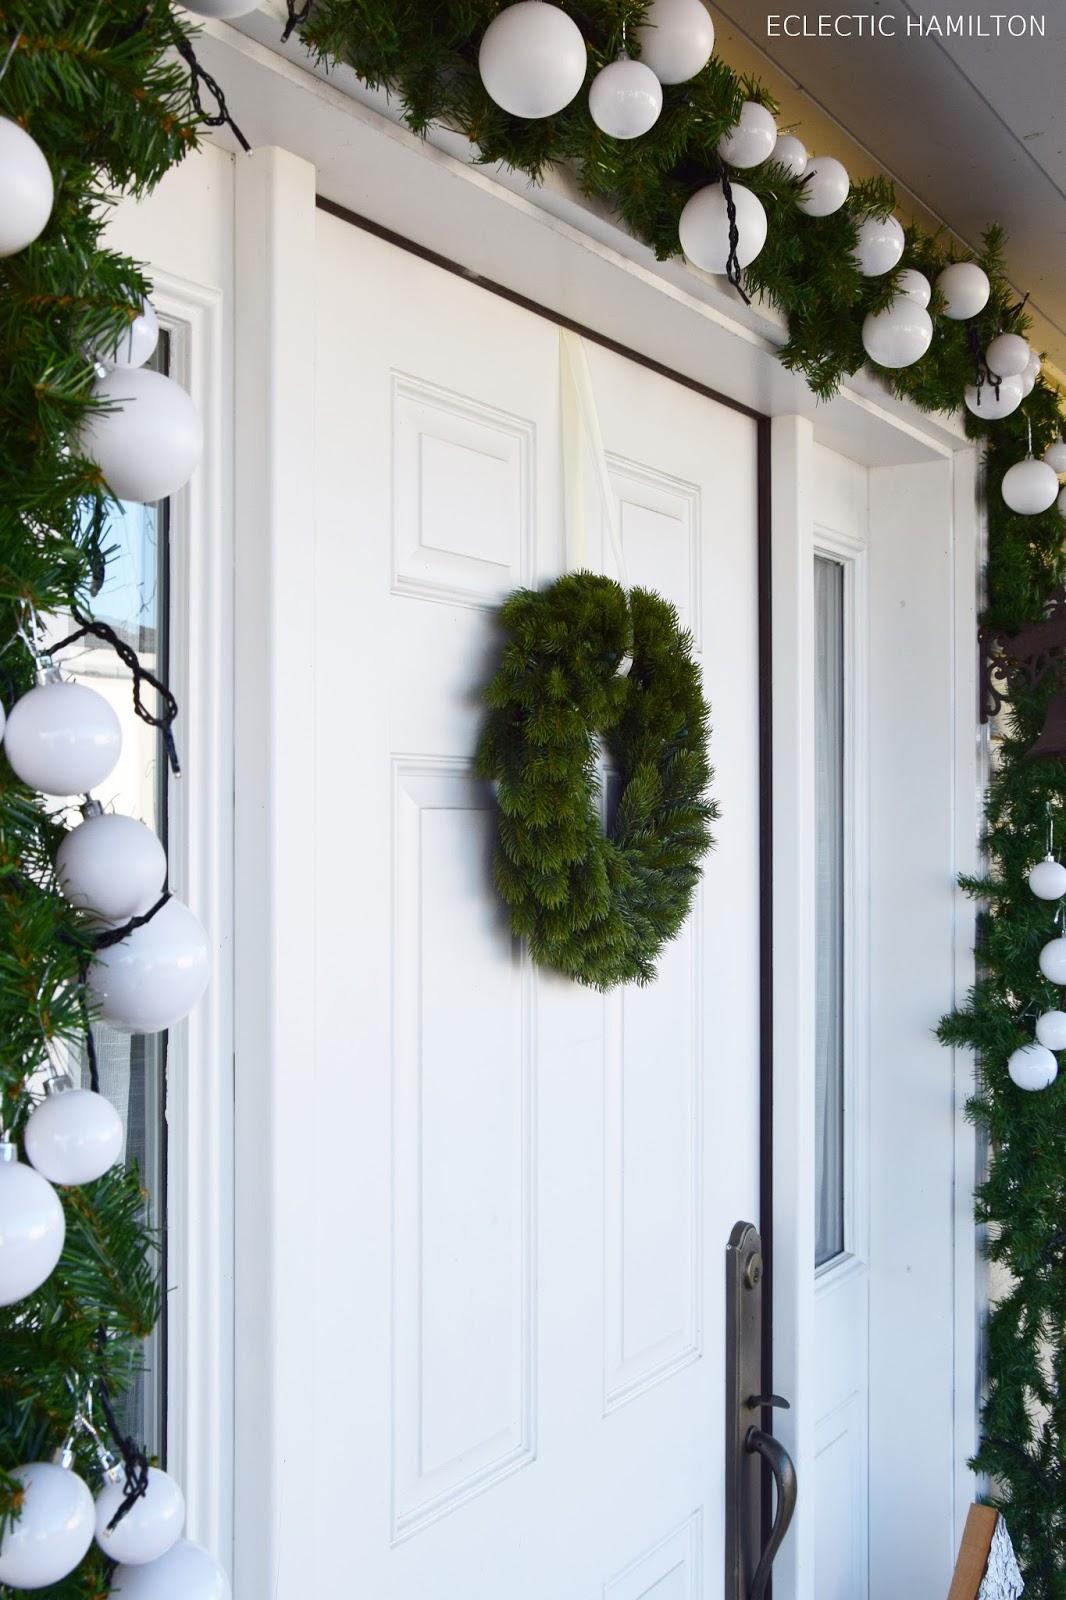 Weihnachtsdeko An Der Haustür.Haustürdeko Weihnachten Auf Meiner Veranda Eclectic Hamilton